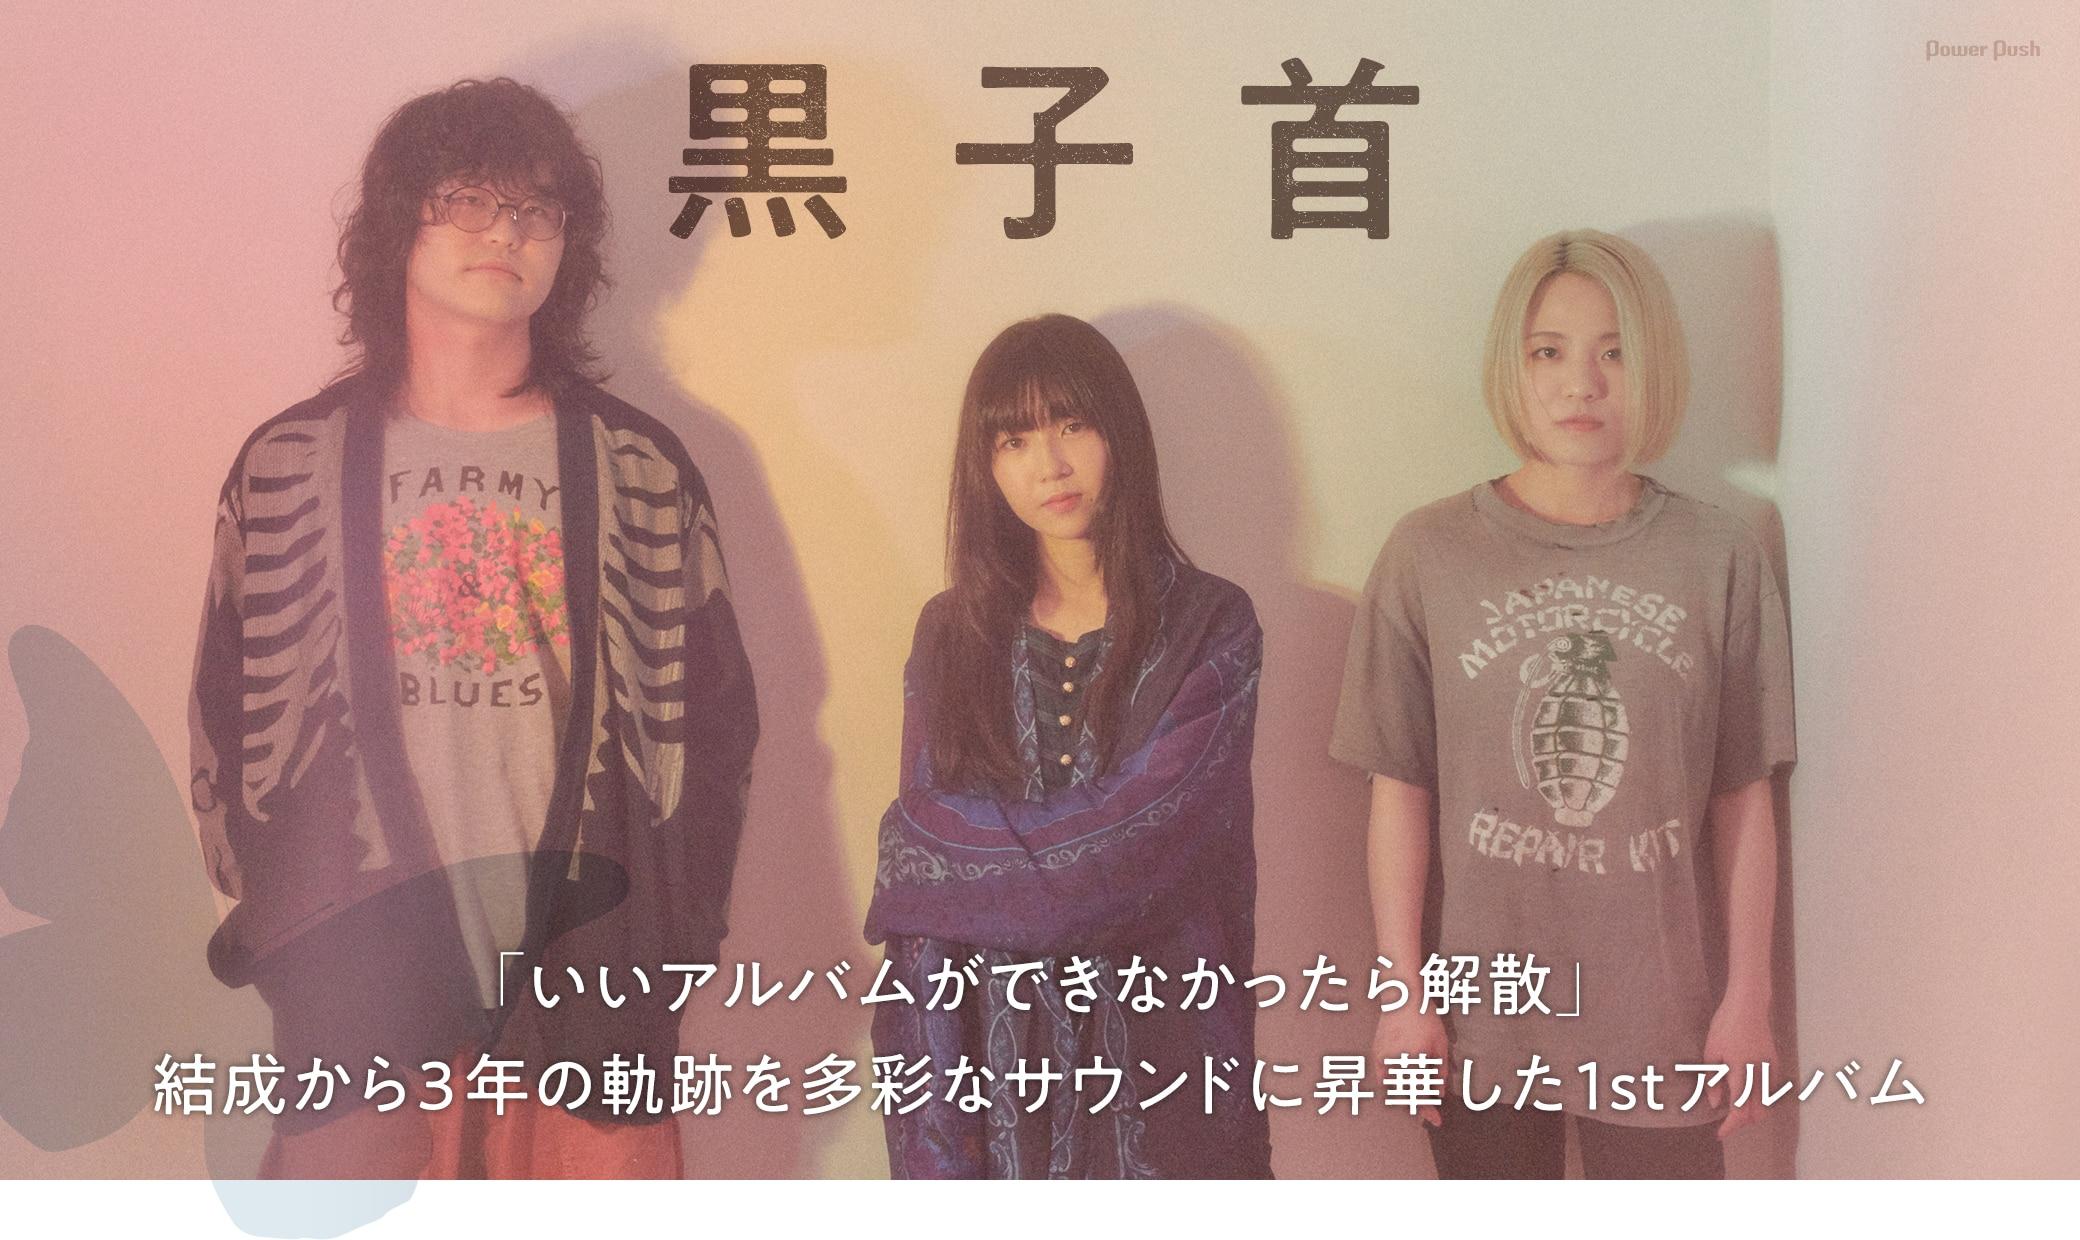 黒子首 「いいアルバムができなかったら解散」結成から3年の軌跡を多彩なサウンドに昇華した1stアルバム